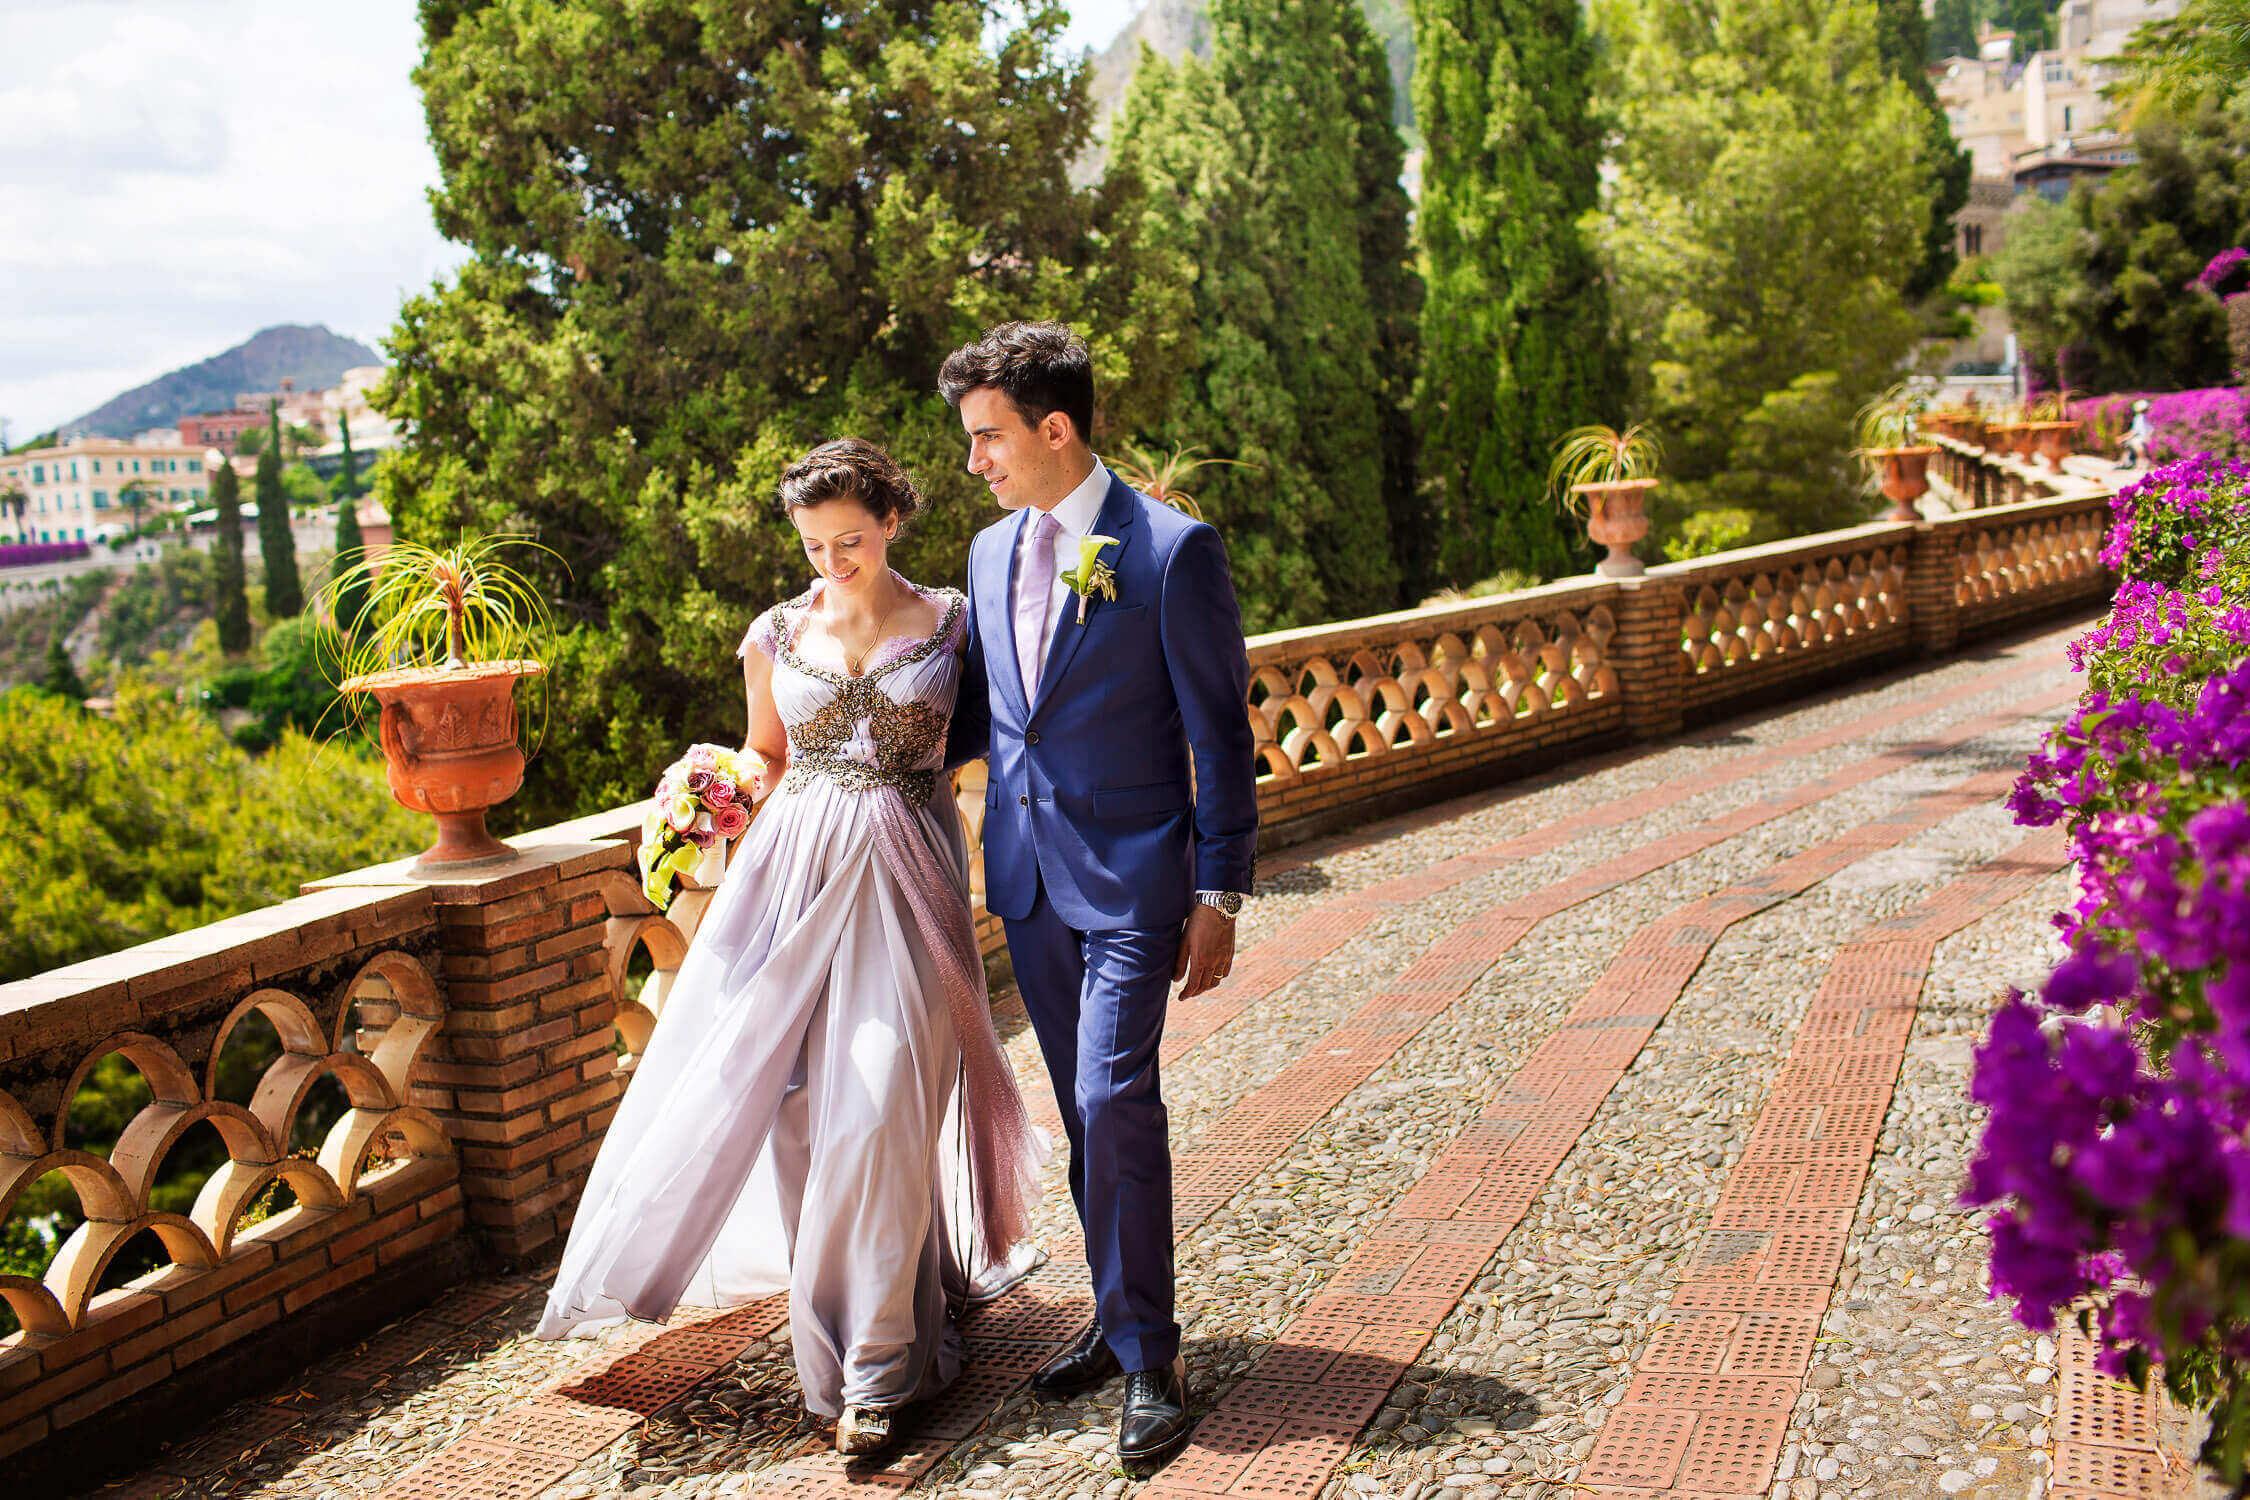 Sposi passeggiano ai giardini di Taormina, foto per matrimonio di Nino Lombardo